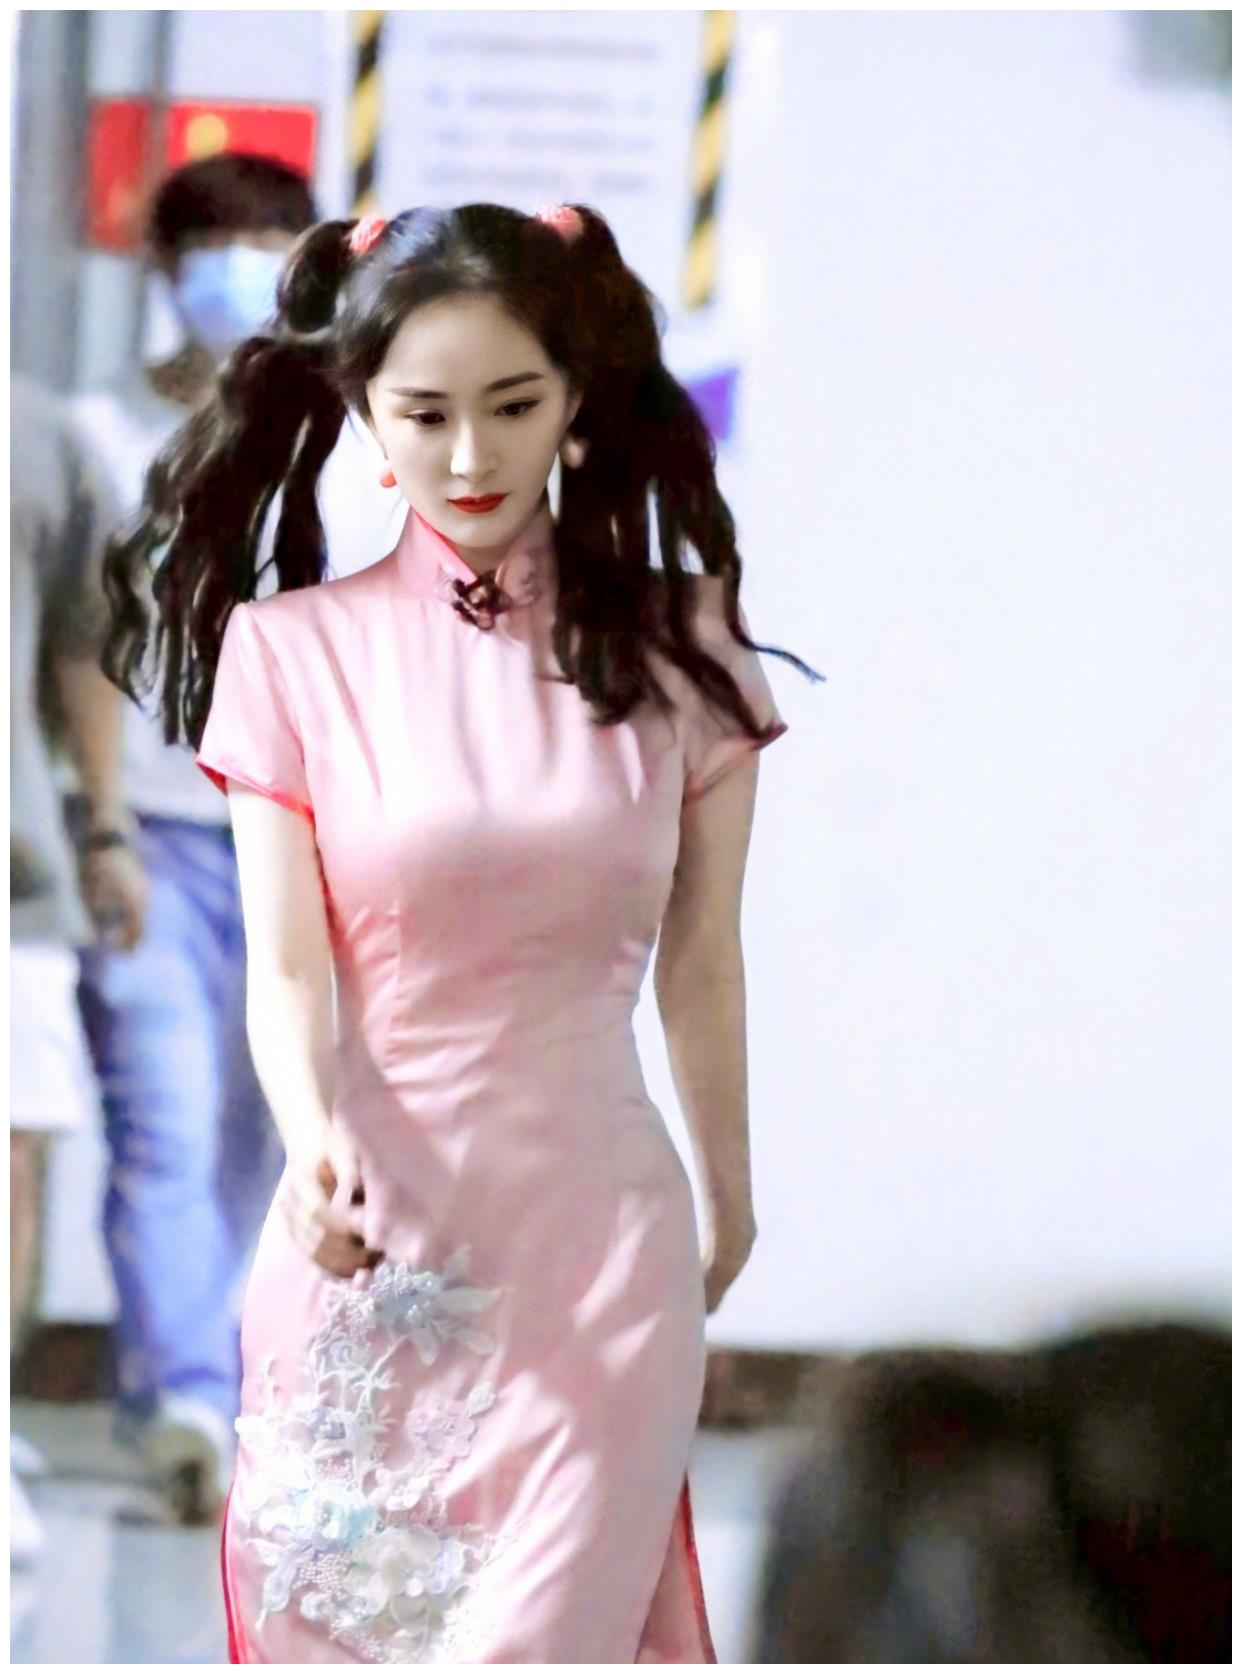 杨幂《密室大逃脱》最新路透,一身粉色旗袍+双马尾,好身材绝了